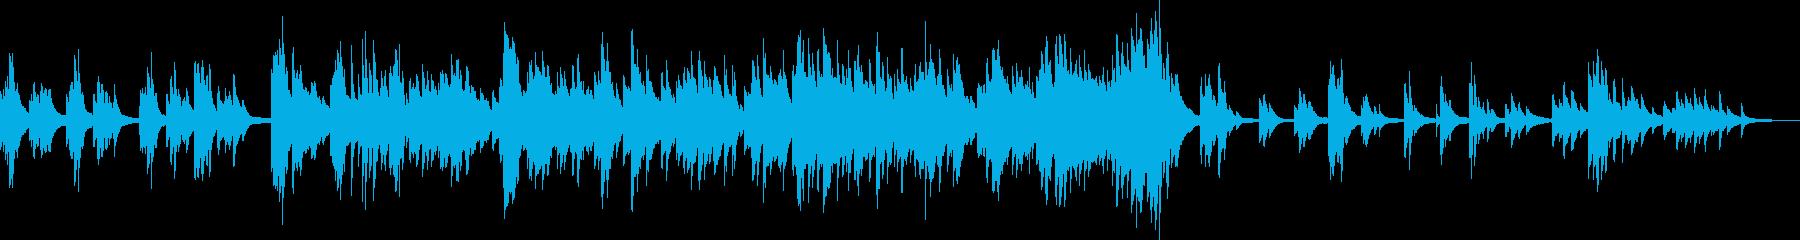 力強くて切ない、ドラマチックなピアノ曲の再生済みの波形